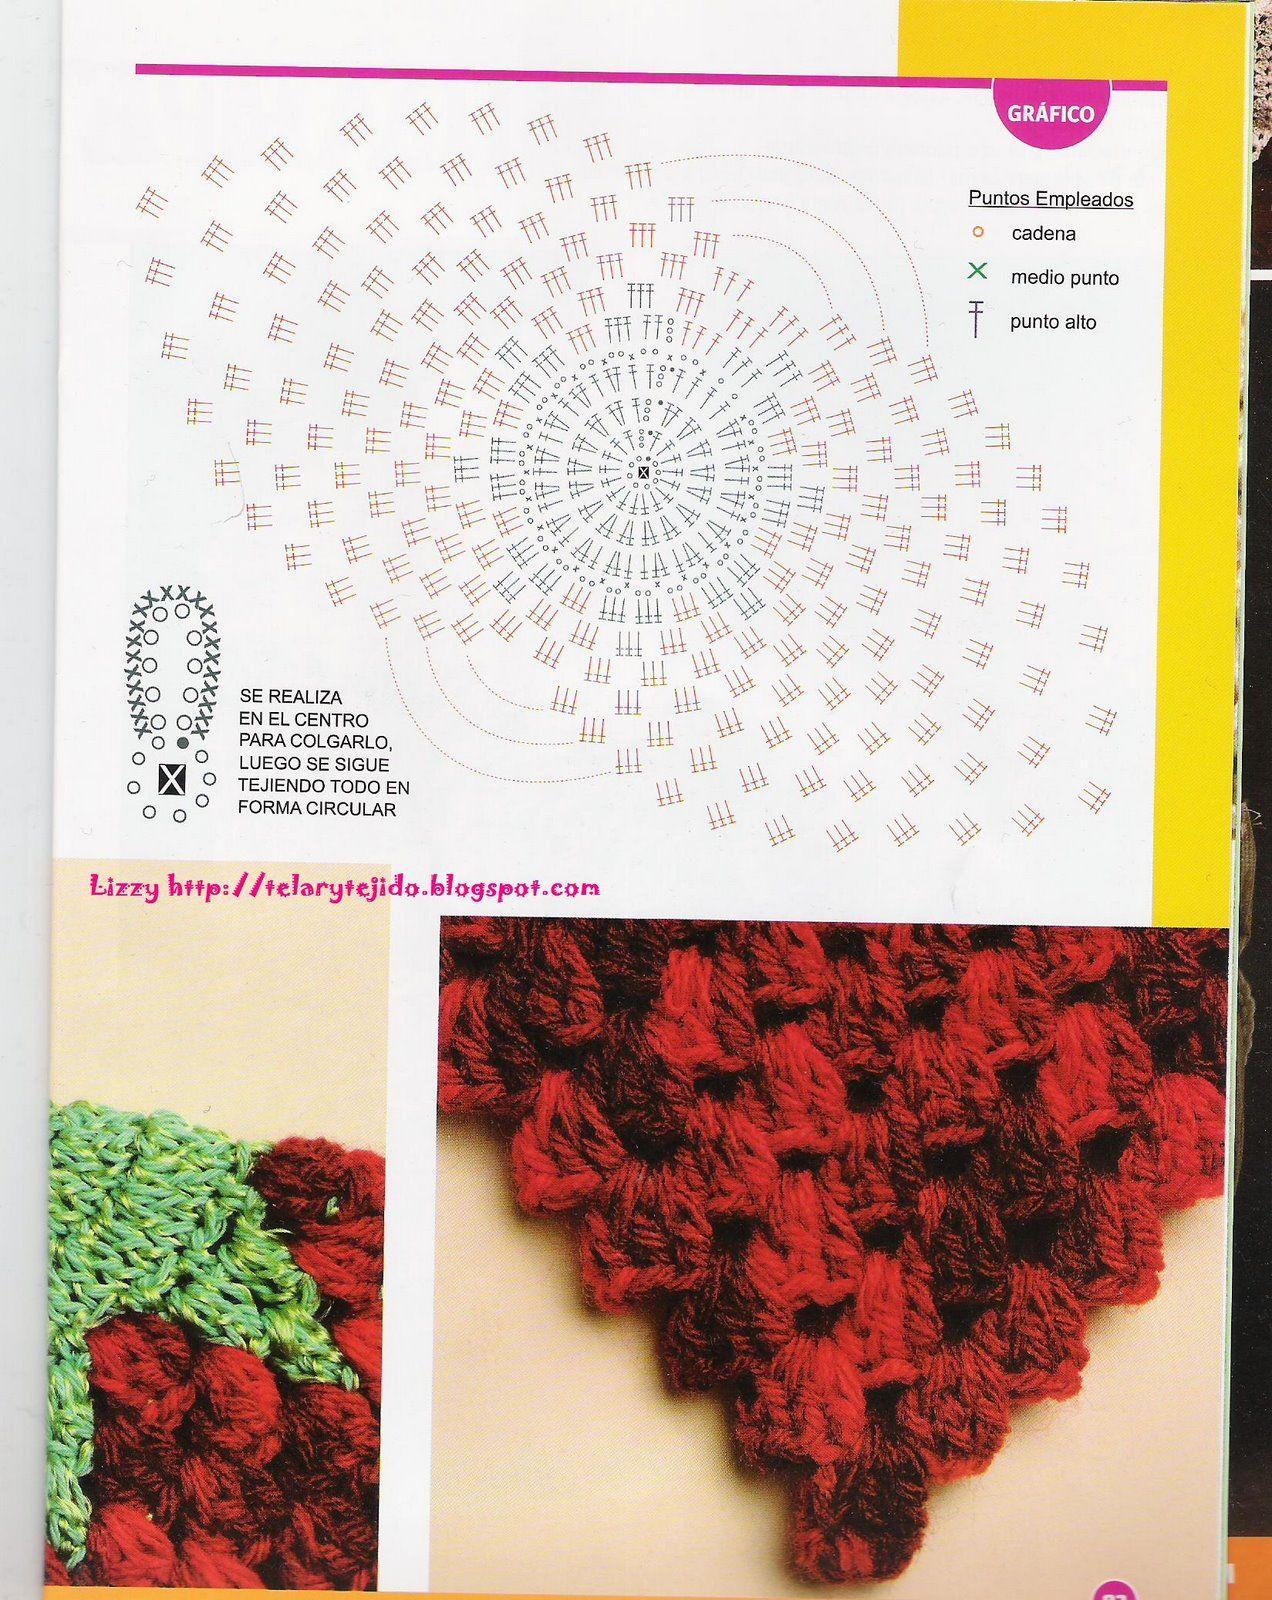 Frutilla+1.JPG] | passion crochet....<3............ | Pinterest ...